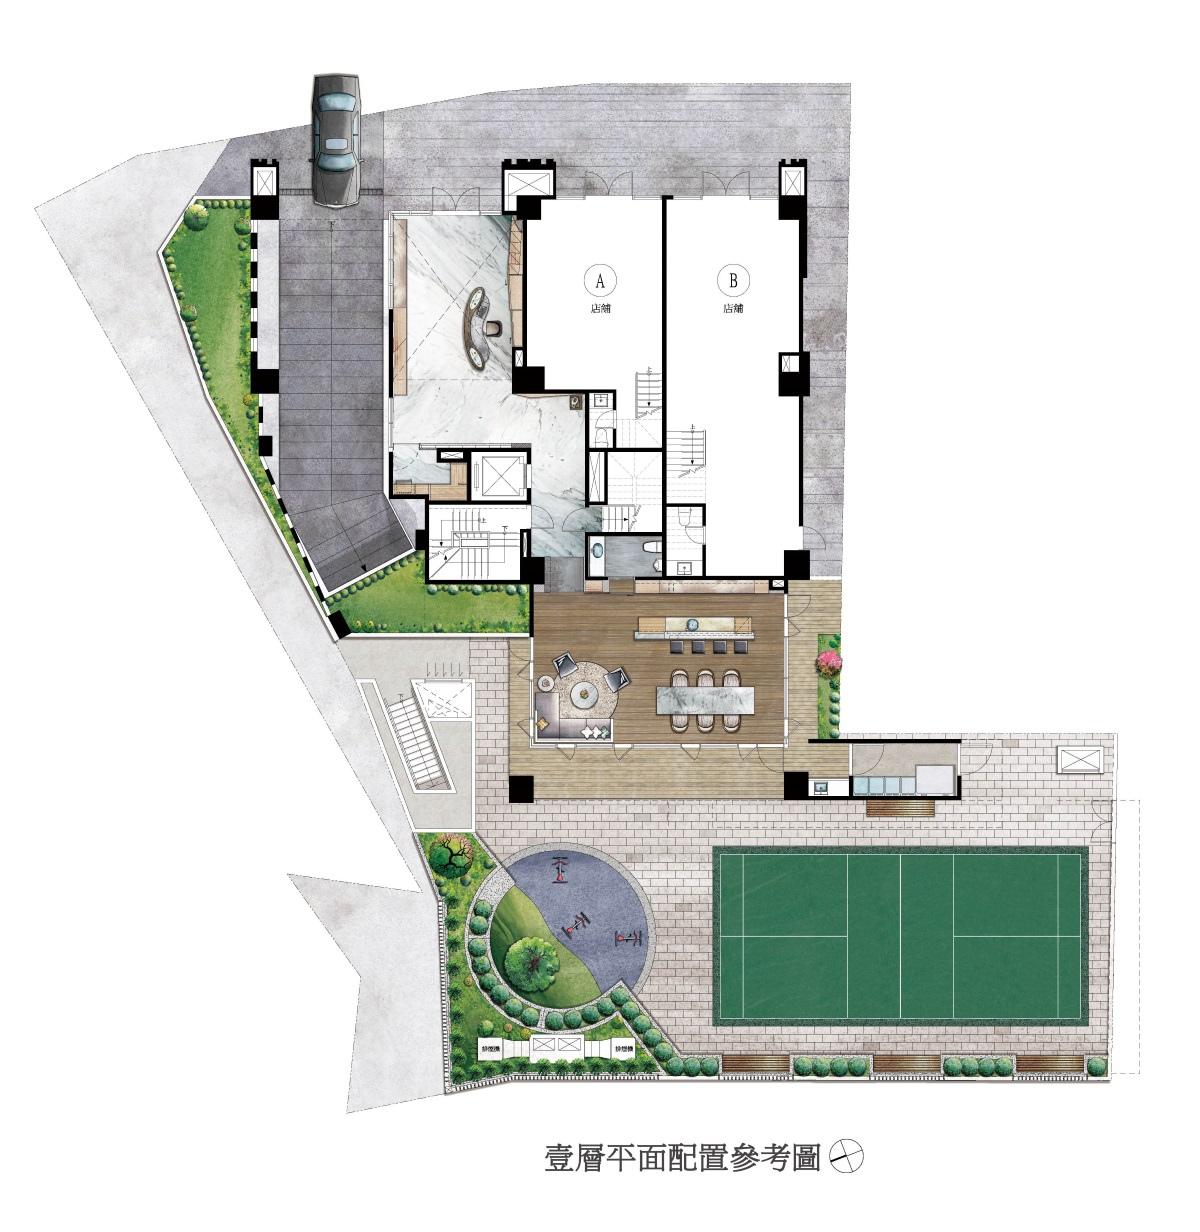 [竹北三民]鼎峰開發-順峰鼎(大樓) 2016-10-30 002.jpg